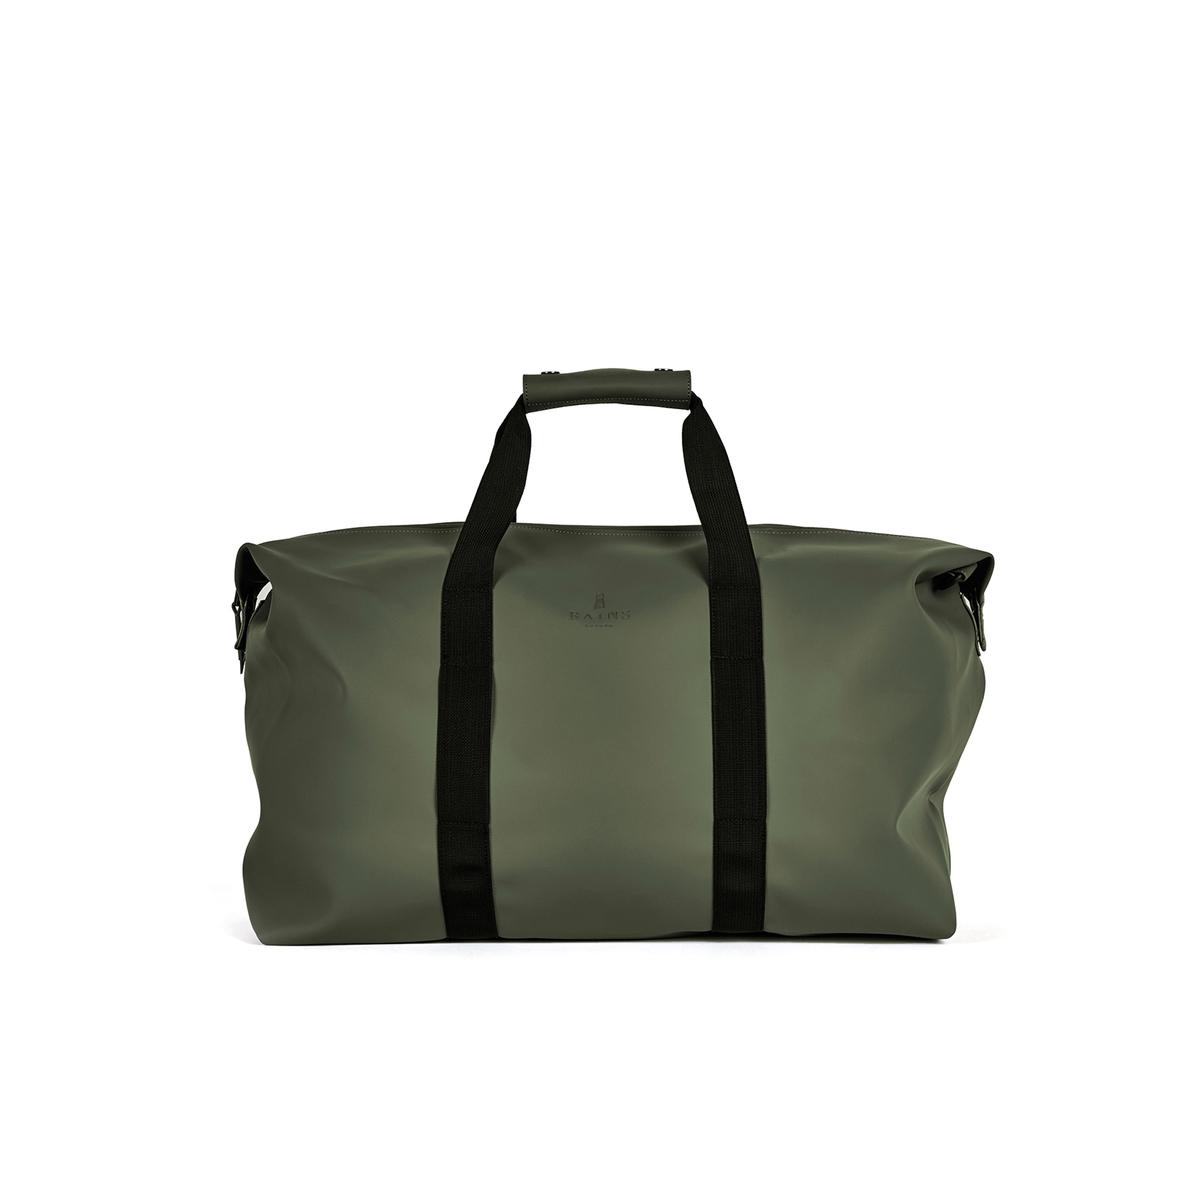 Сумка дорожная BAG 44 лДорожная сумка RAINS - модель BAG GREEN из полиэстера и полиуретана. 1 большое отделение с застёжкой на молнию. 2 больших контрастных ремешка для переноски в руке или на плече . 1 плечевой ремень в комплекте. Водонепроницаемые ткань и молния. Состав и описание         Материал : 50% полиуретана, 50% полиэстера   Размеры : В. 41 см x Ш. 51 см  x Г. 21 смОбъем : 44 л        Марка : RAINS<br><br>Цвет: зеленый